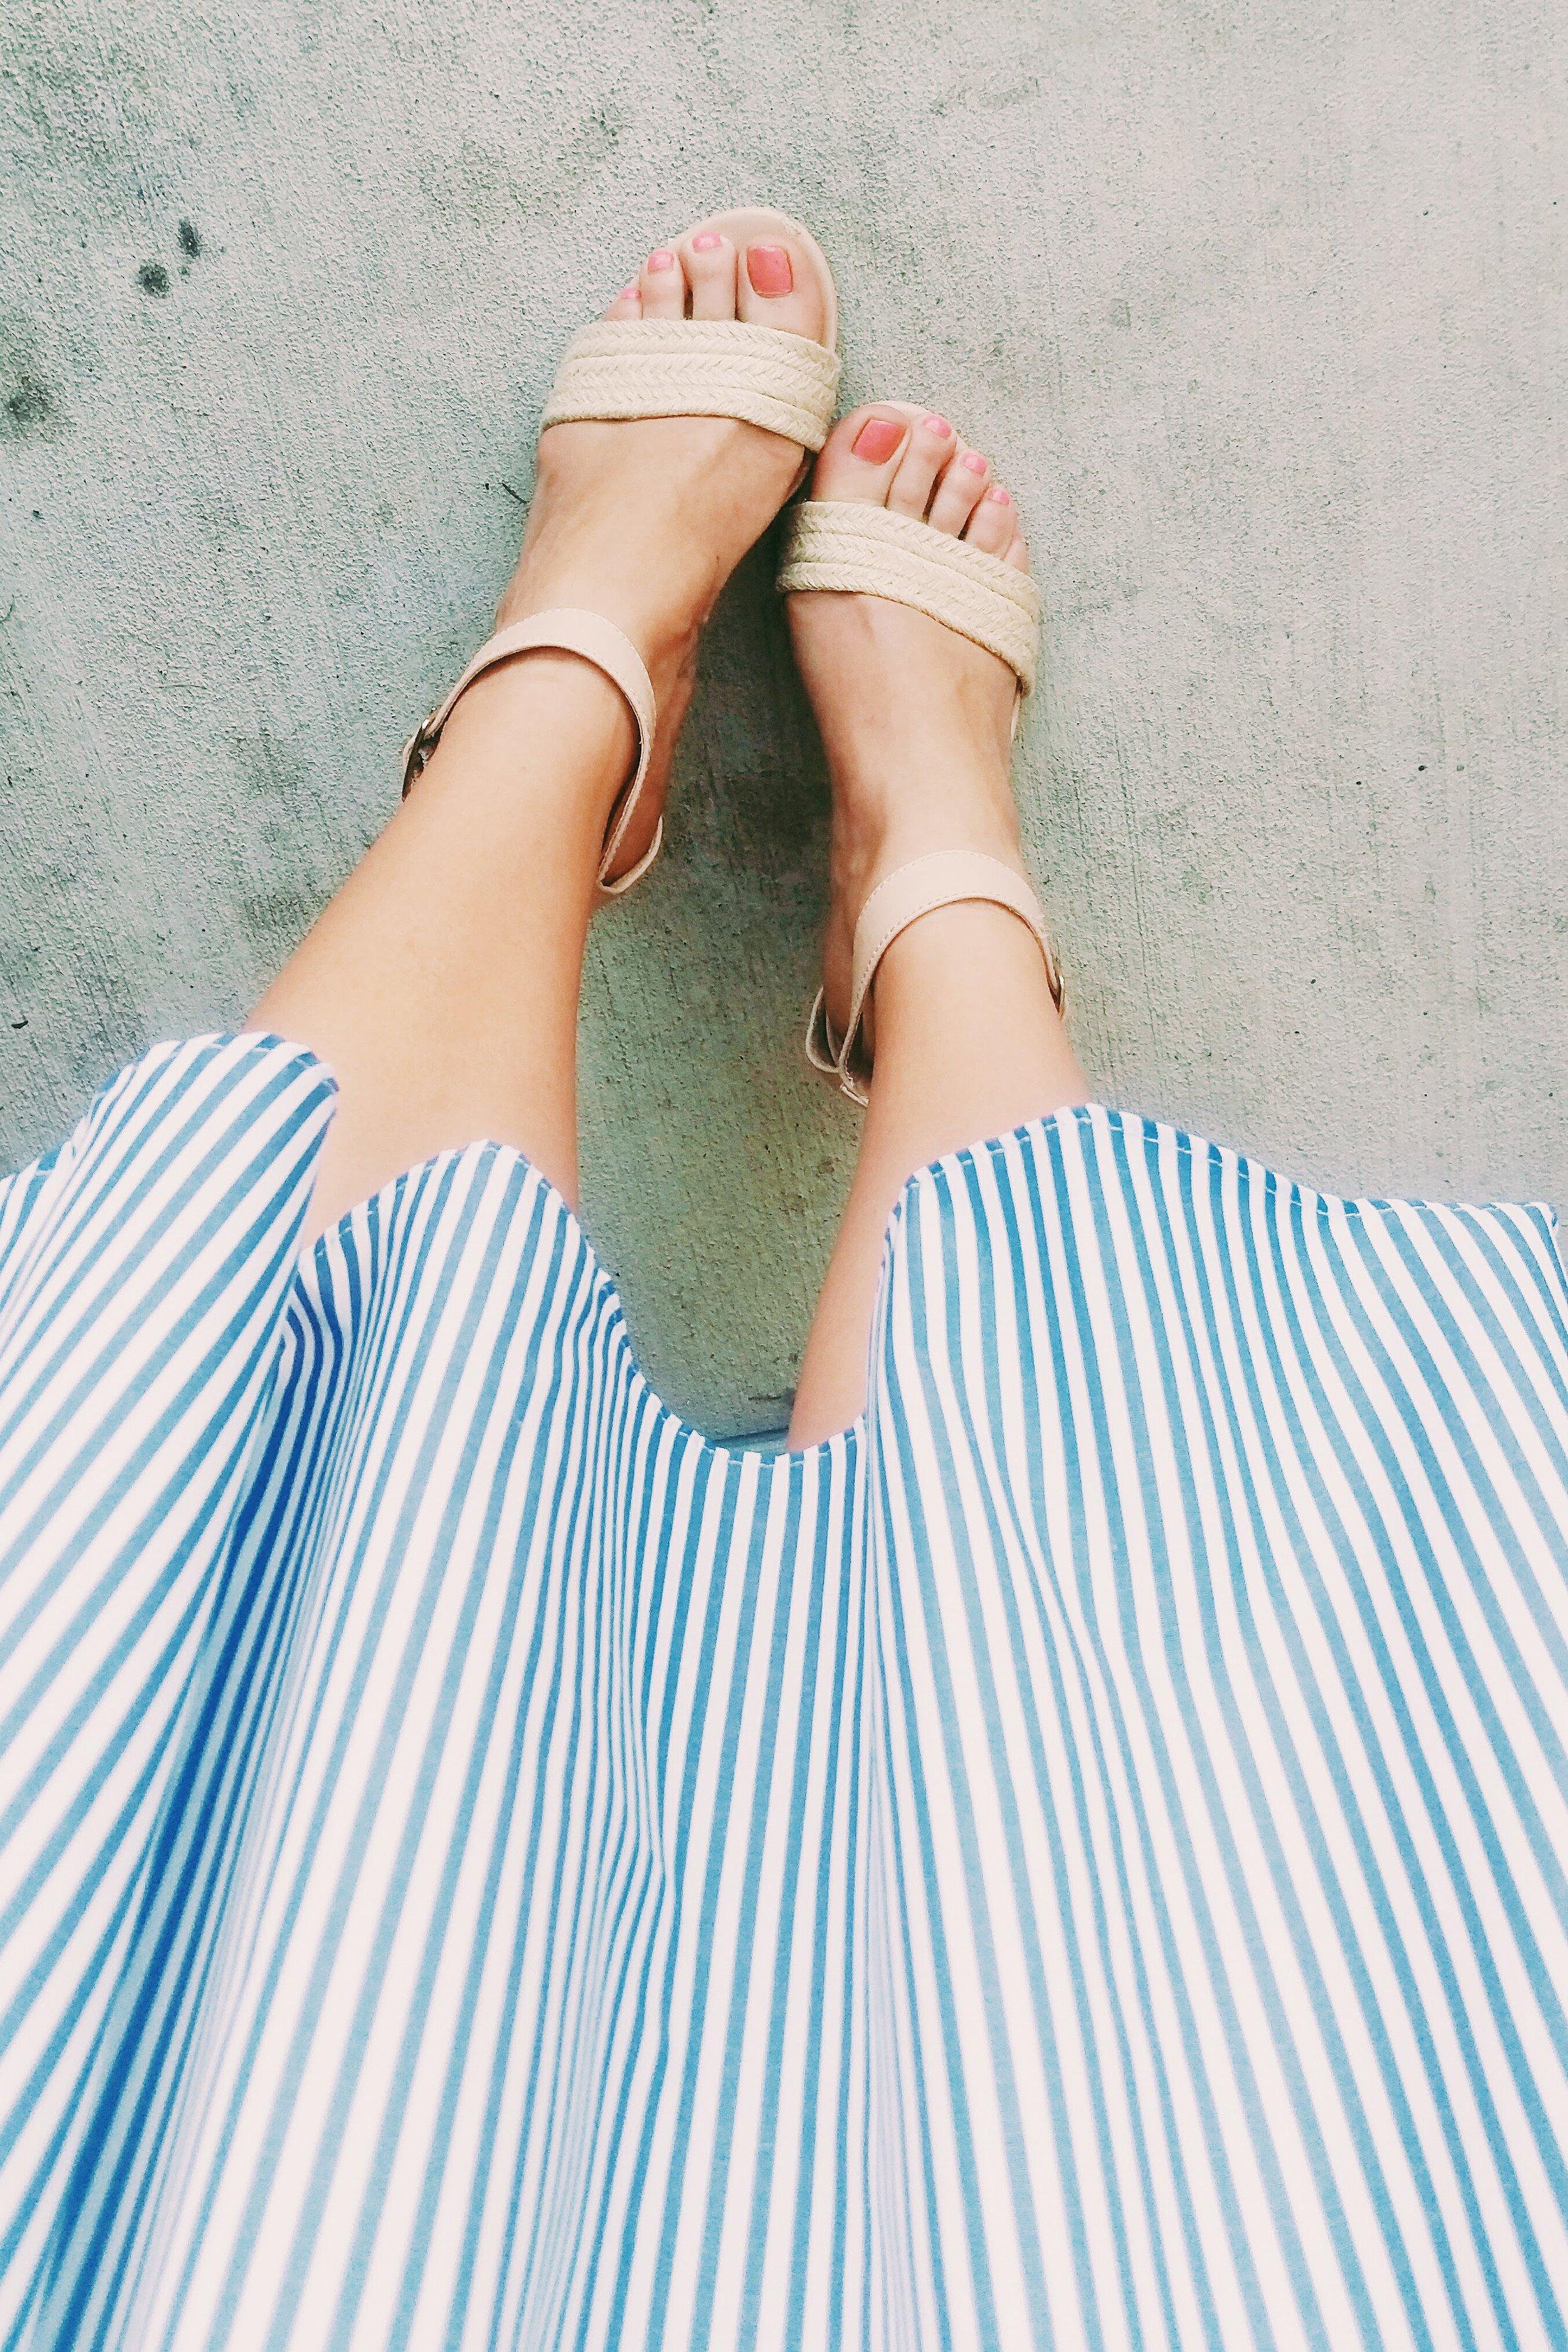 Shades of Blue - Three Heel Clicks 15 (1).jpg